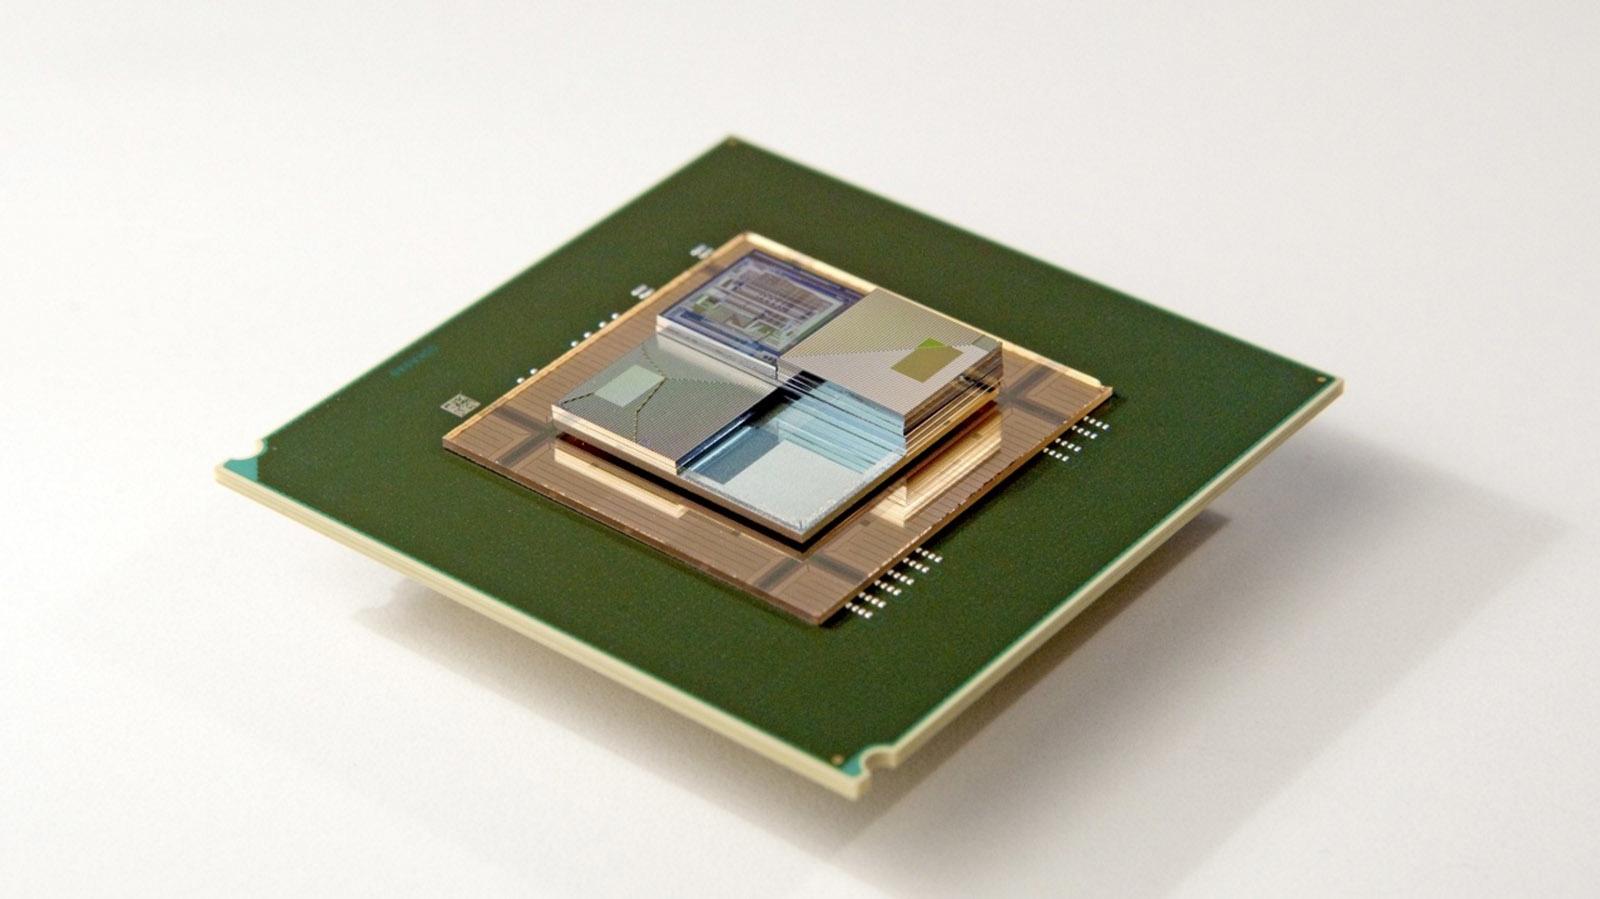 Des chercheurs ont miniaturisé un prototype de batterie capable de refroidir le smartphone